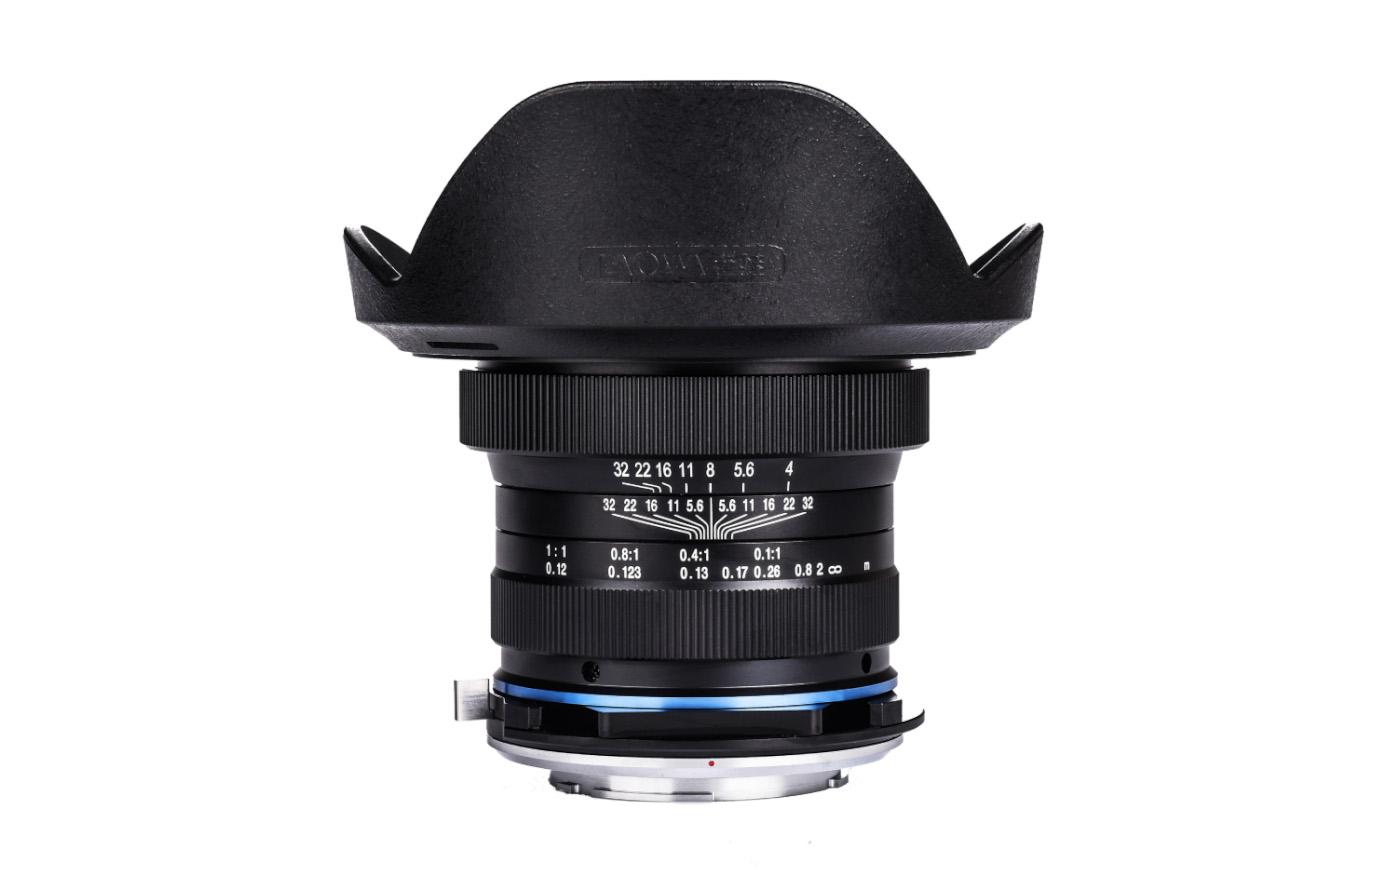 1. Широкоугольный объектив Laowa 15mm f4 1:1 Macro предназначен для съемки шедевров макрофотографии.